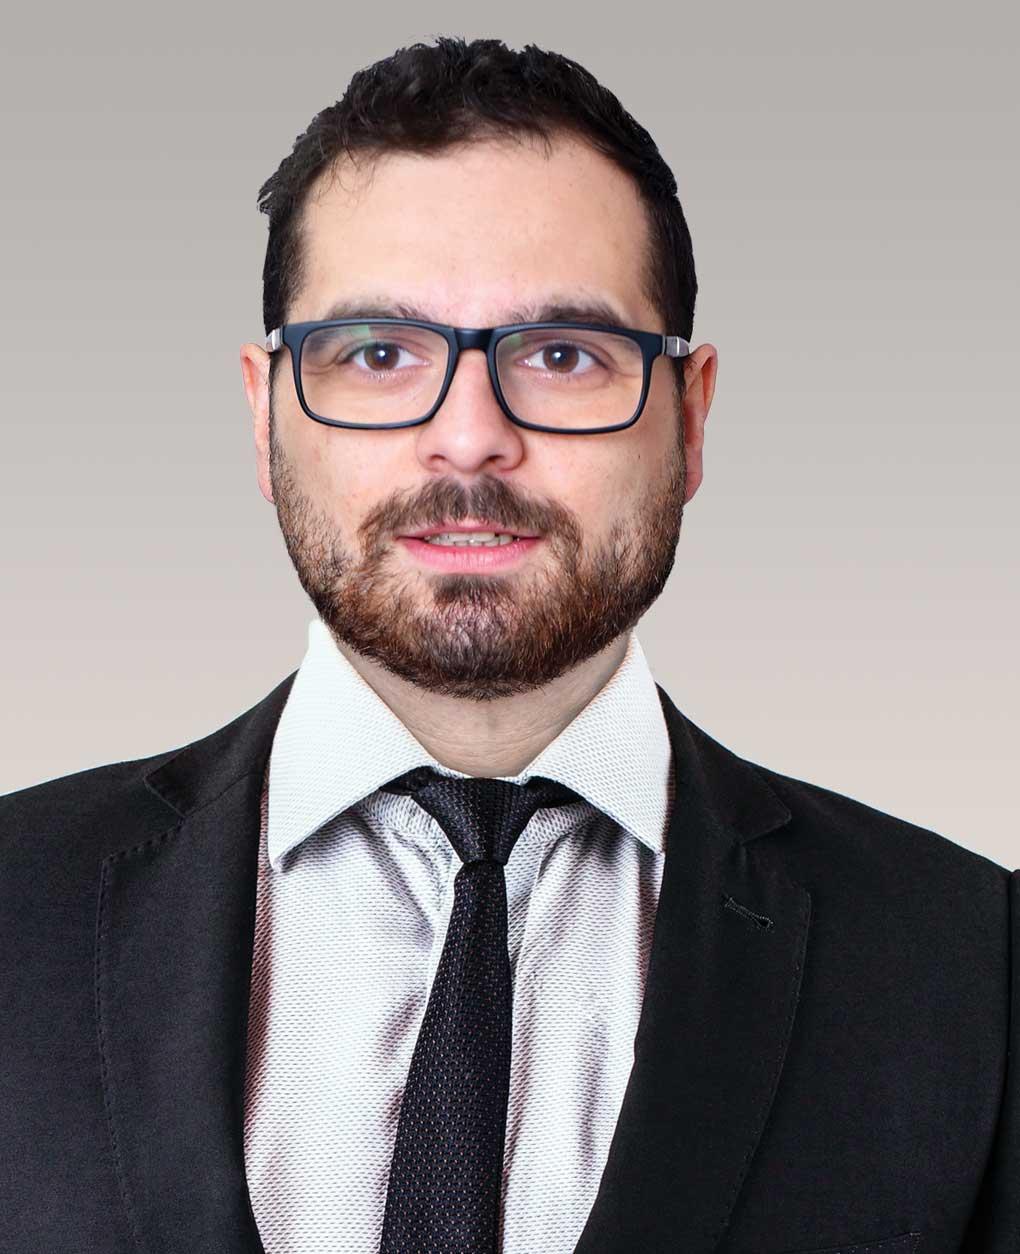 Miloš Žák